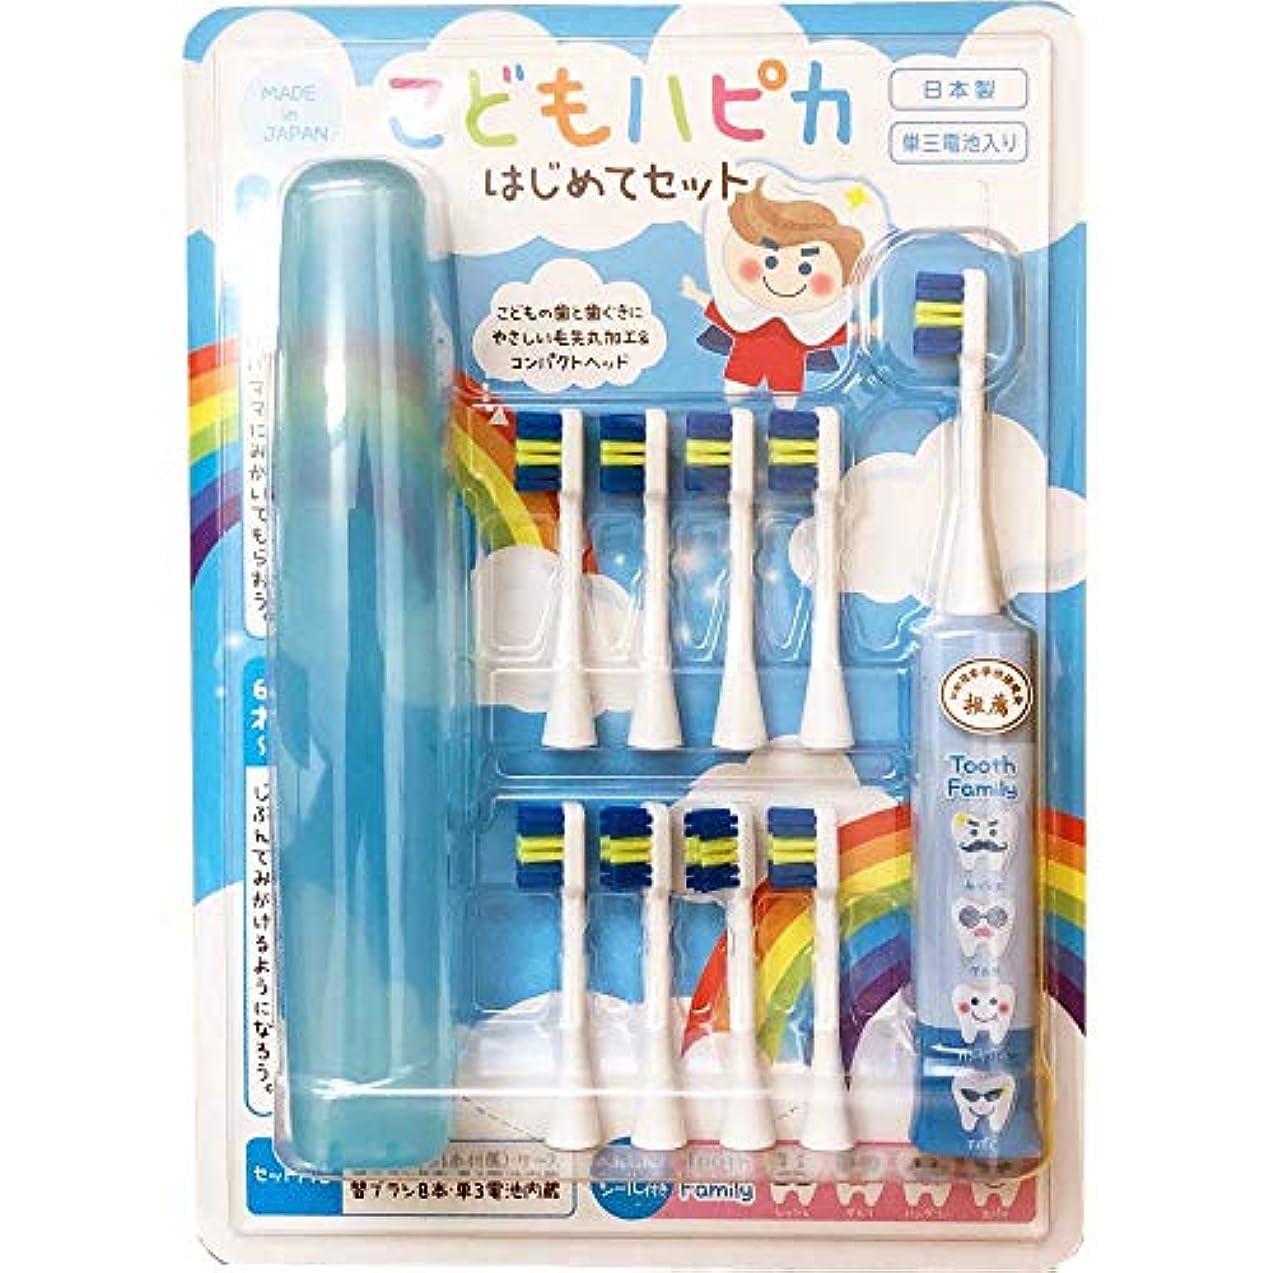 規制する受け入れたにおいミニマム こどもハピカセット ブルー 子供用電動歯ブラシ